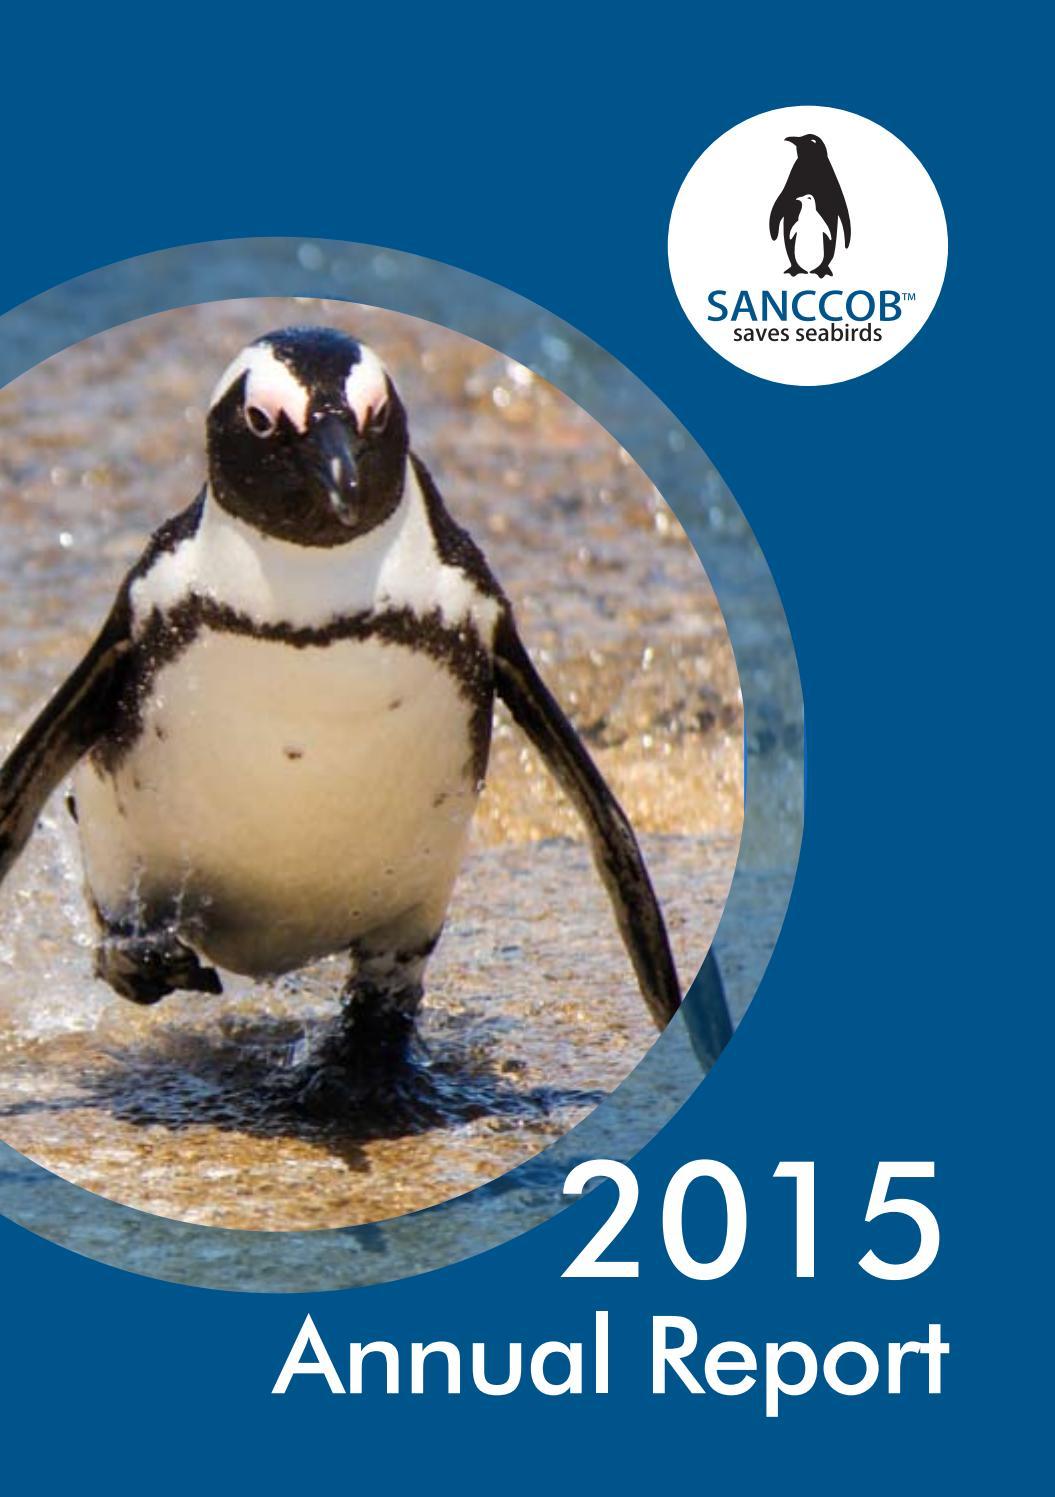 SANCCOB Annual Report 2015 by Sheila McCallum issuu